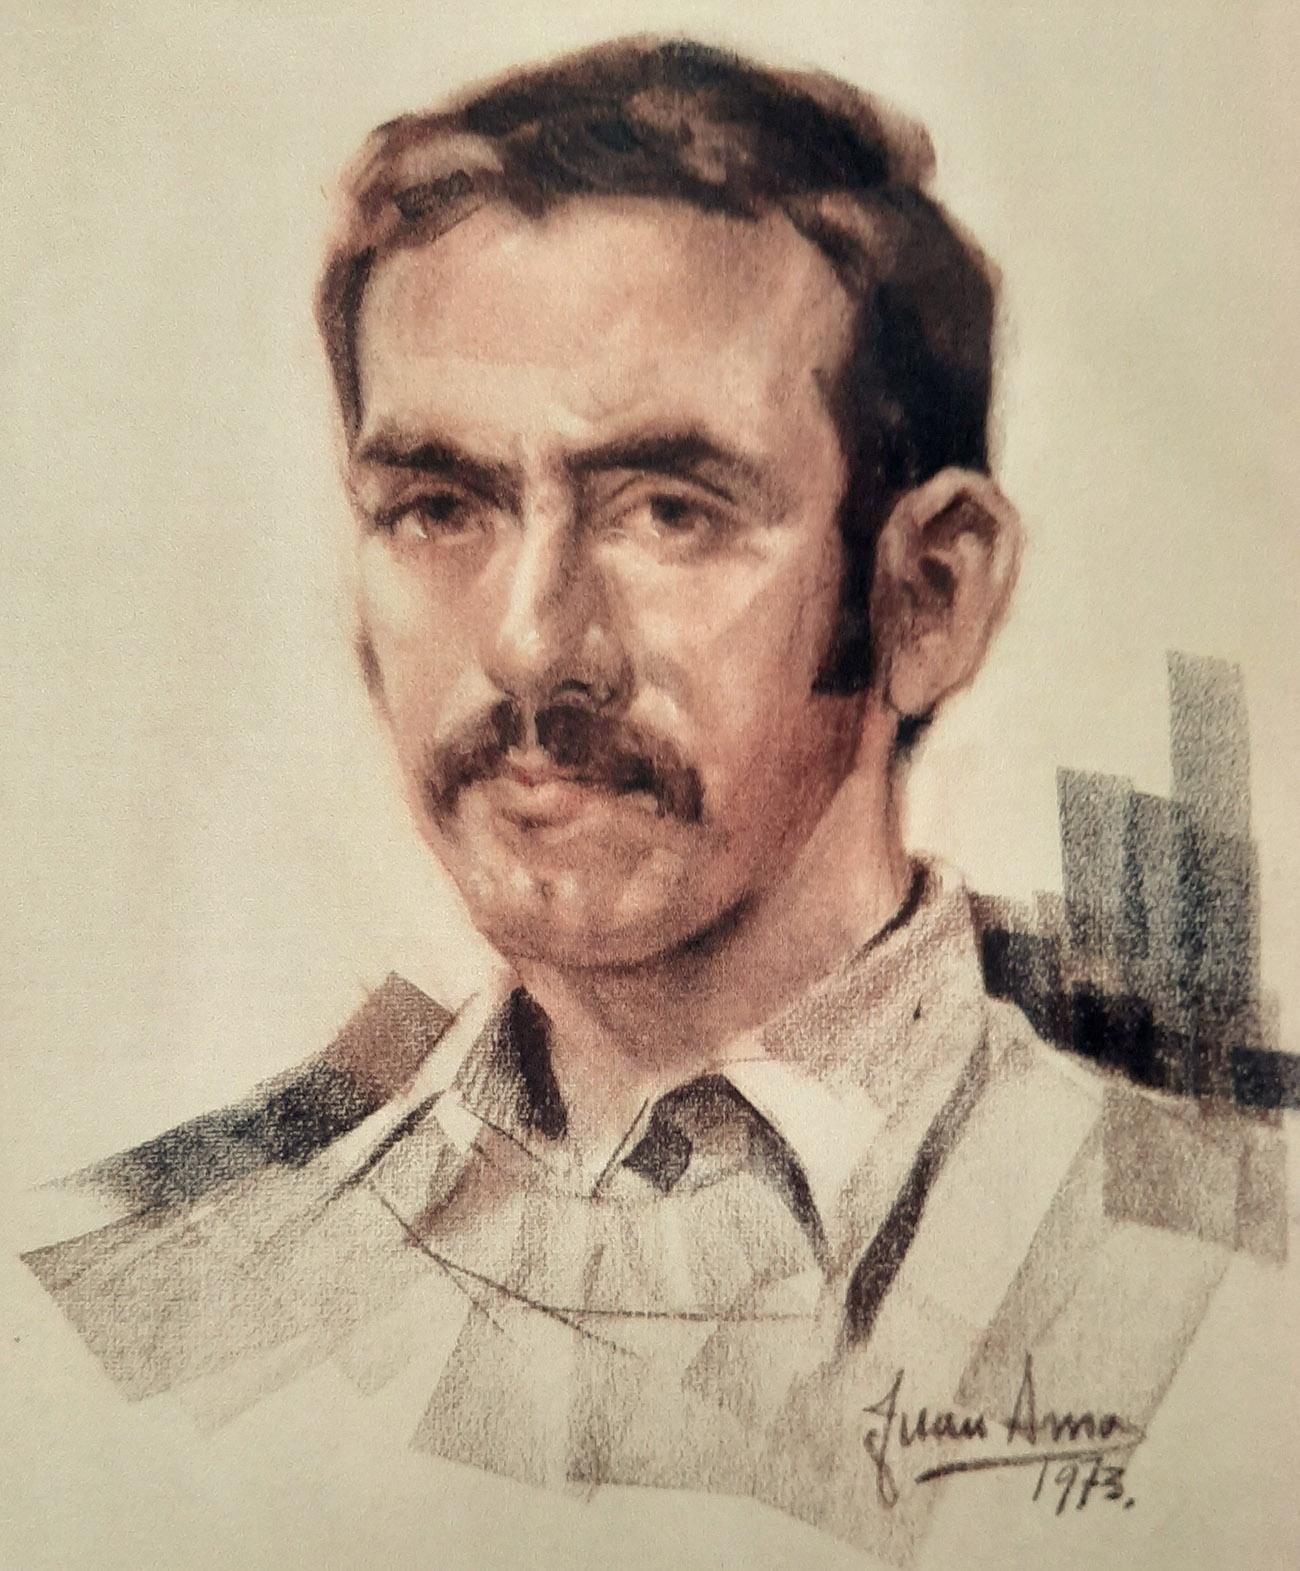 AURELIO PRETEL MARÍN. Retrato Dibujo de Juan Amo.